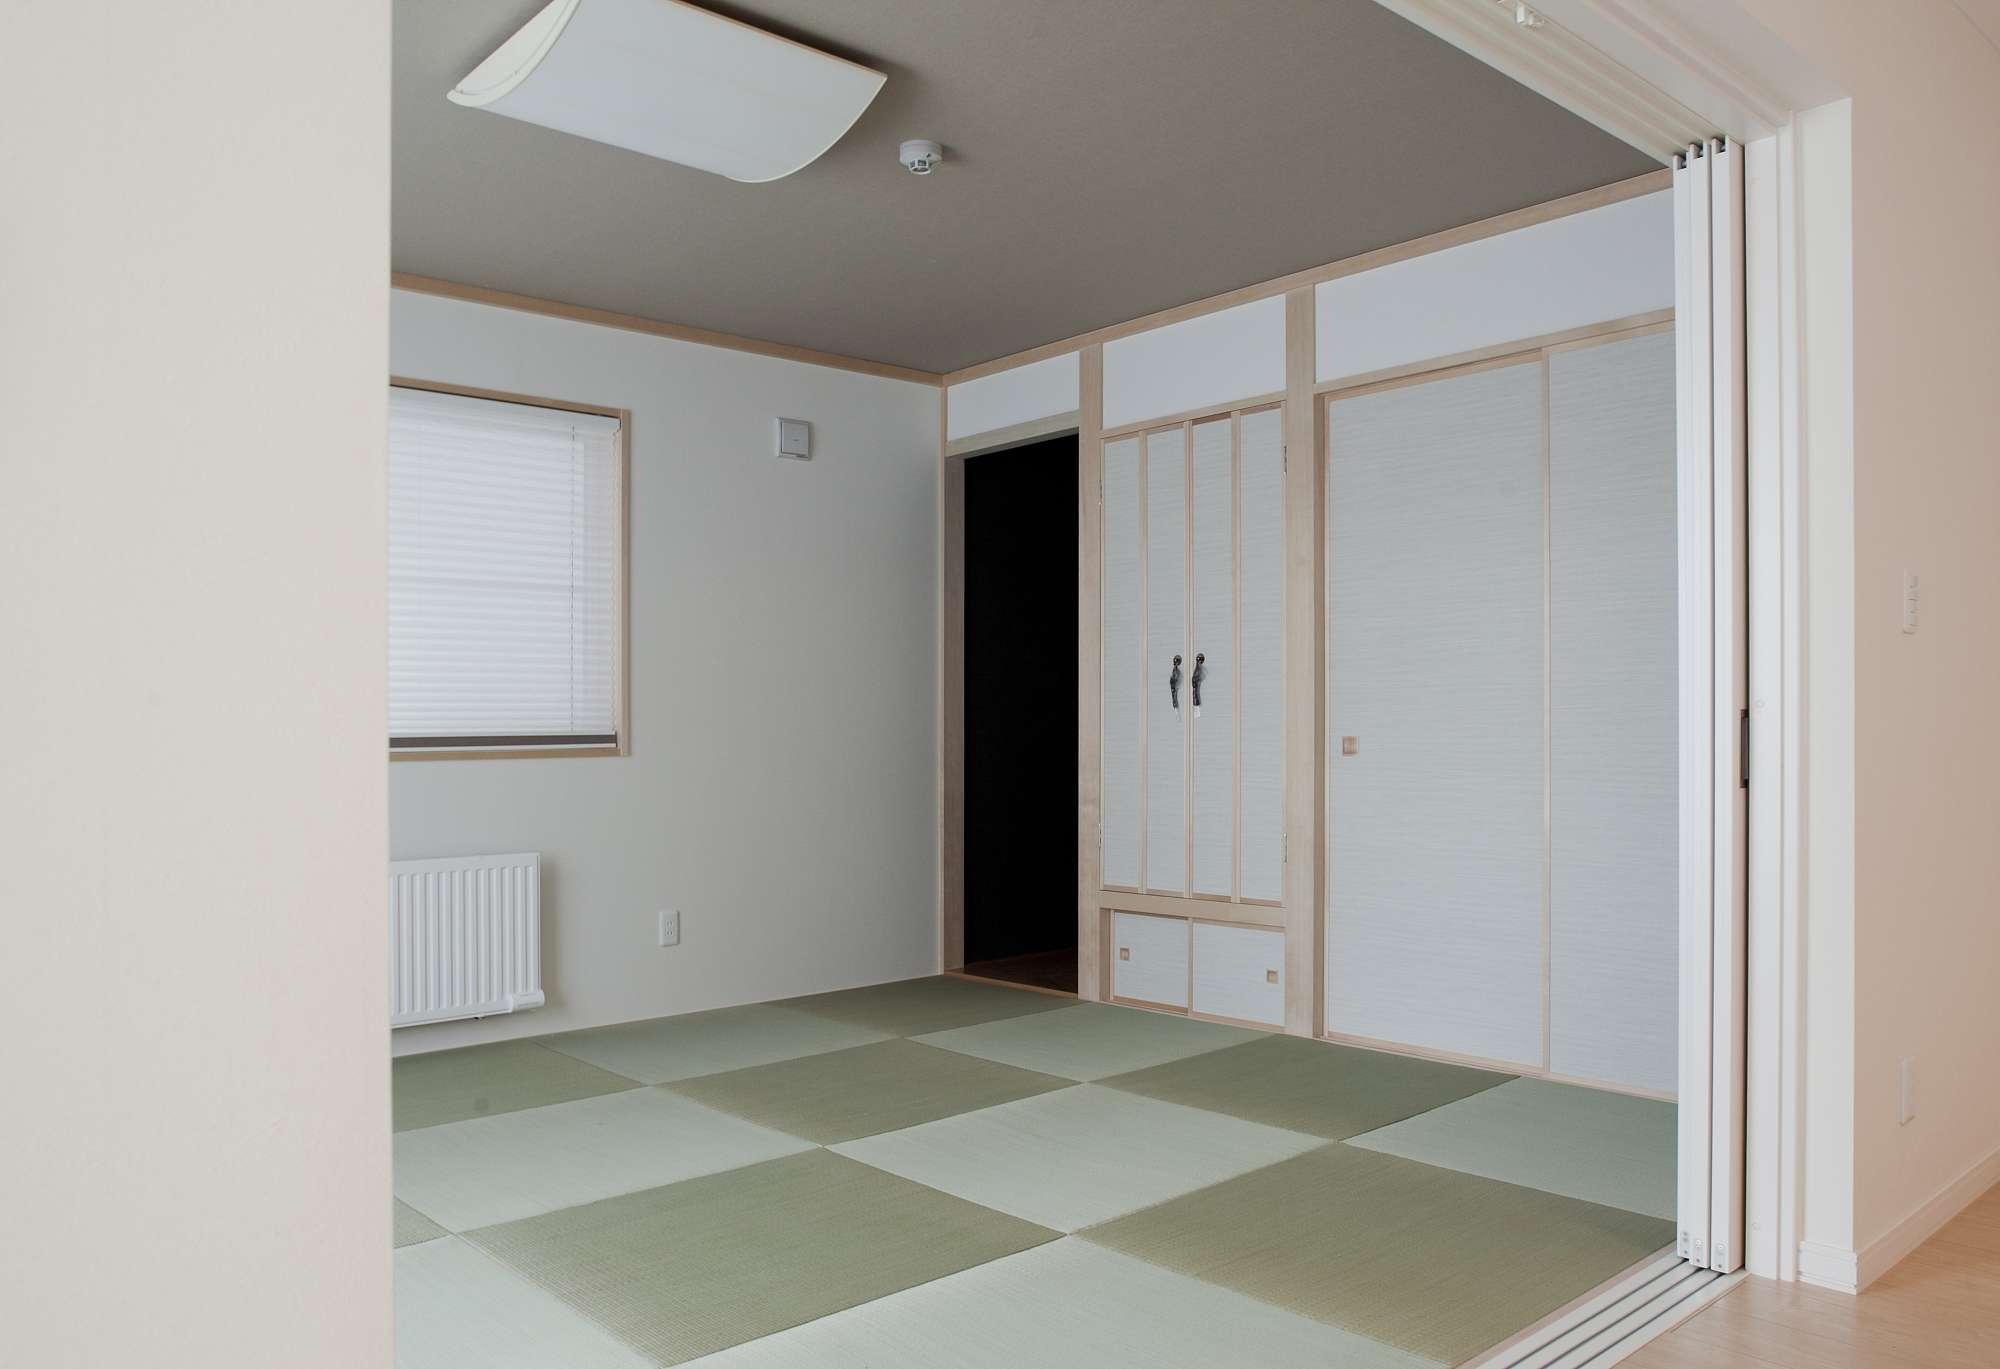 床の間や押入れなど、伝統的な設をモダンなデザインで再現した和室 -  -  -